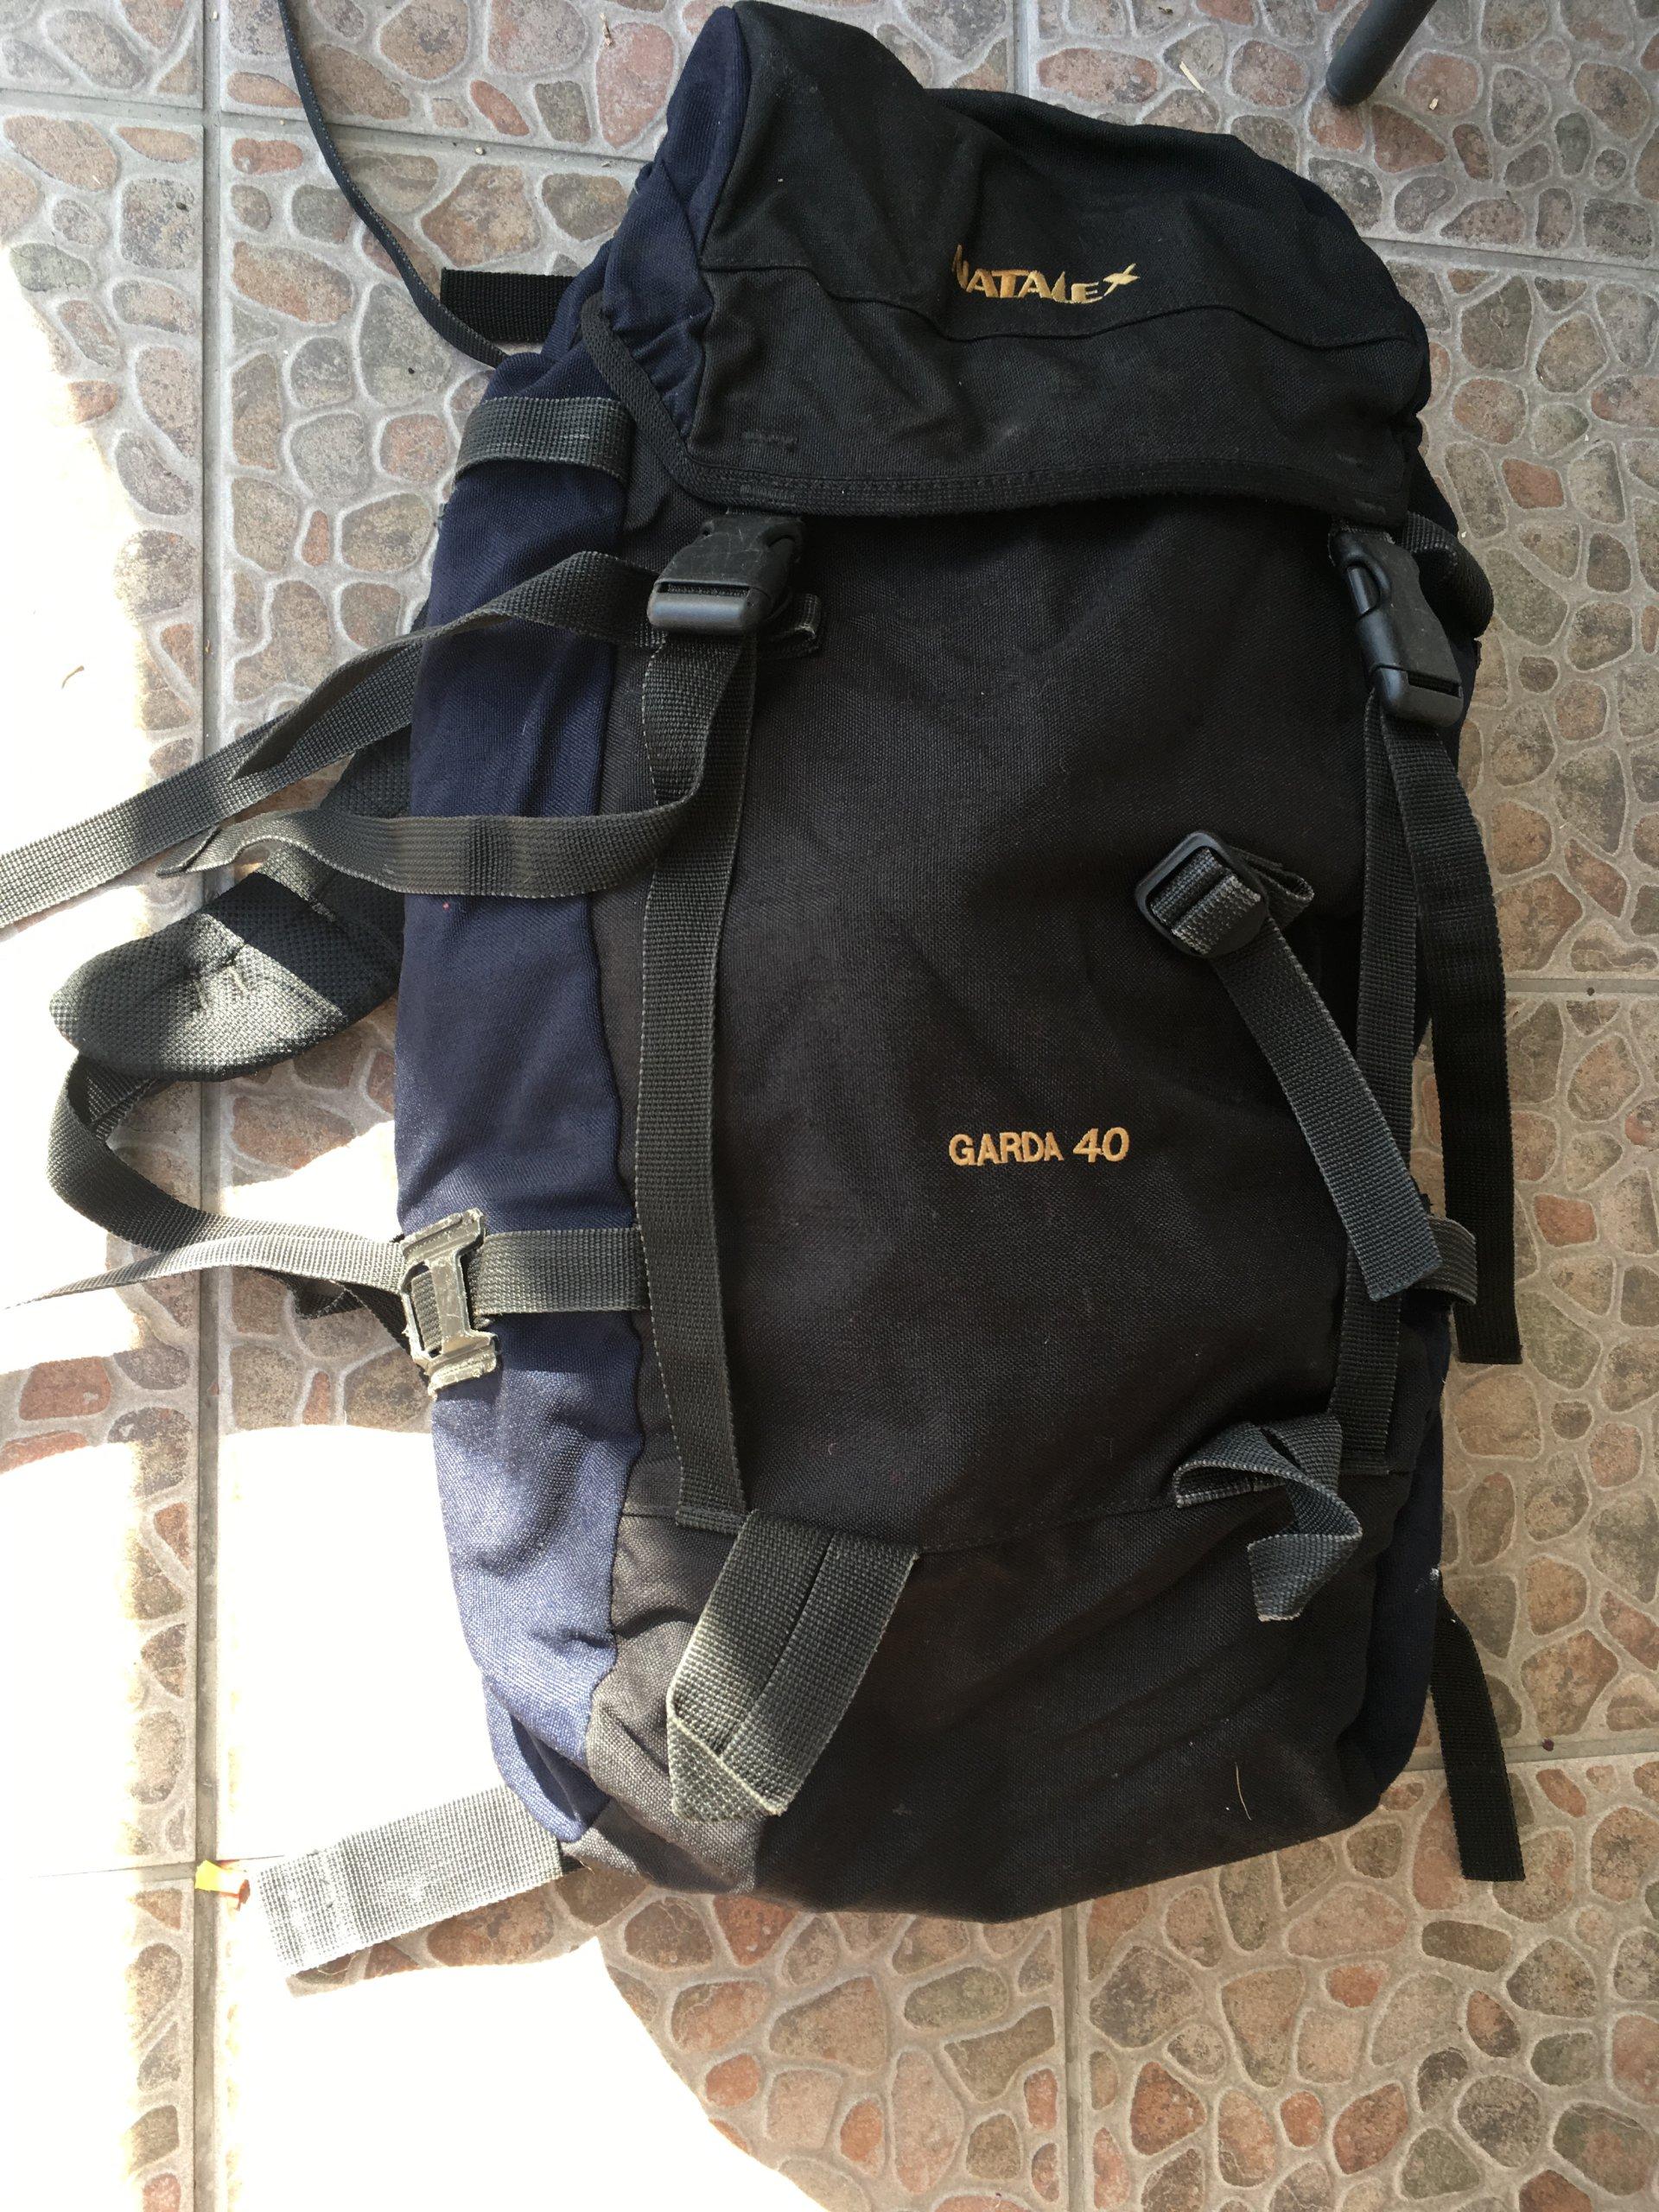 31301aed59263 Plecak Natalex Garda 40 - mercedes wśród plecaków - 7332369564 ...